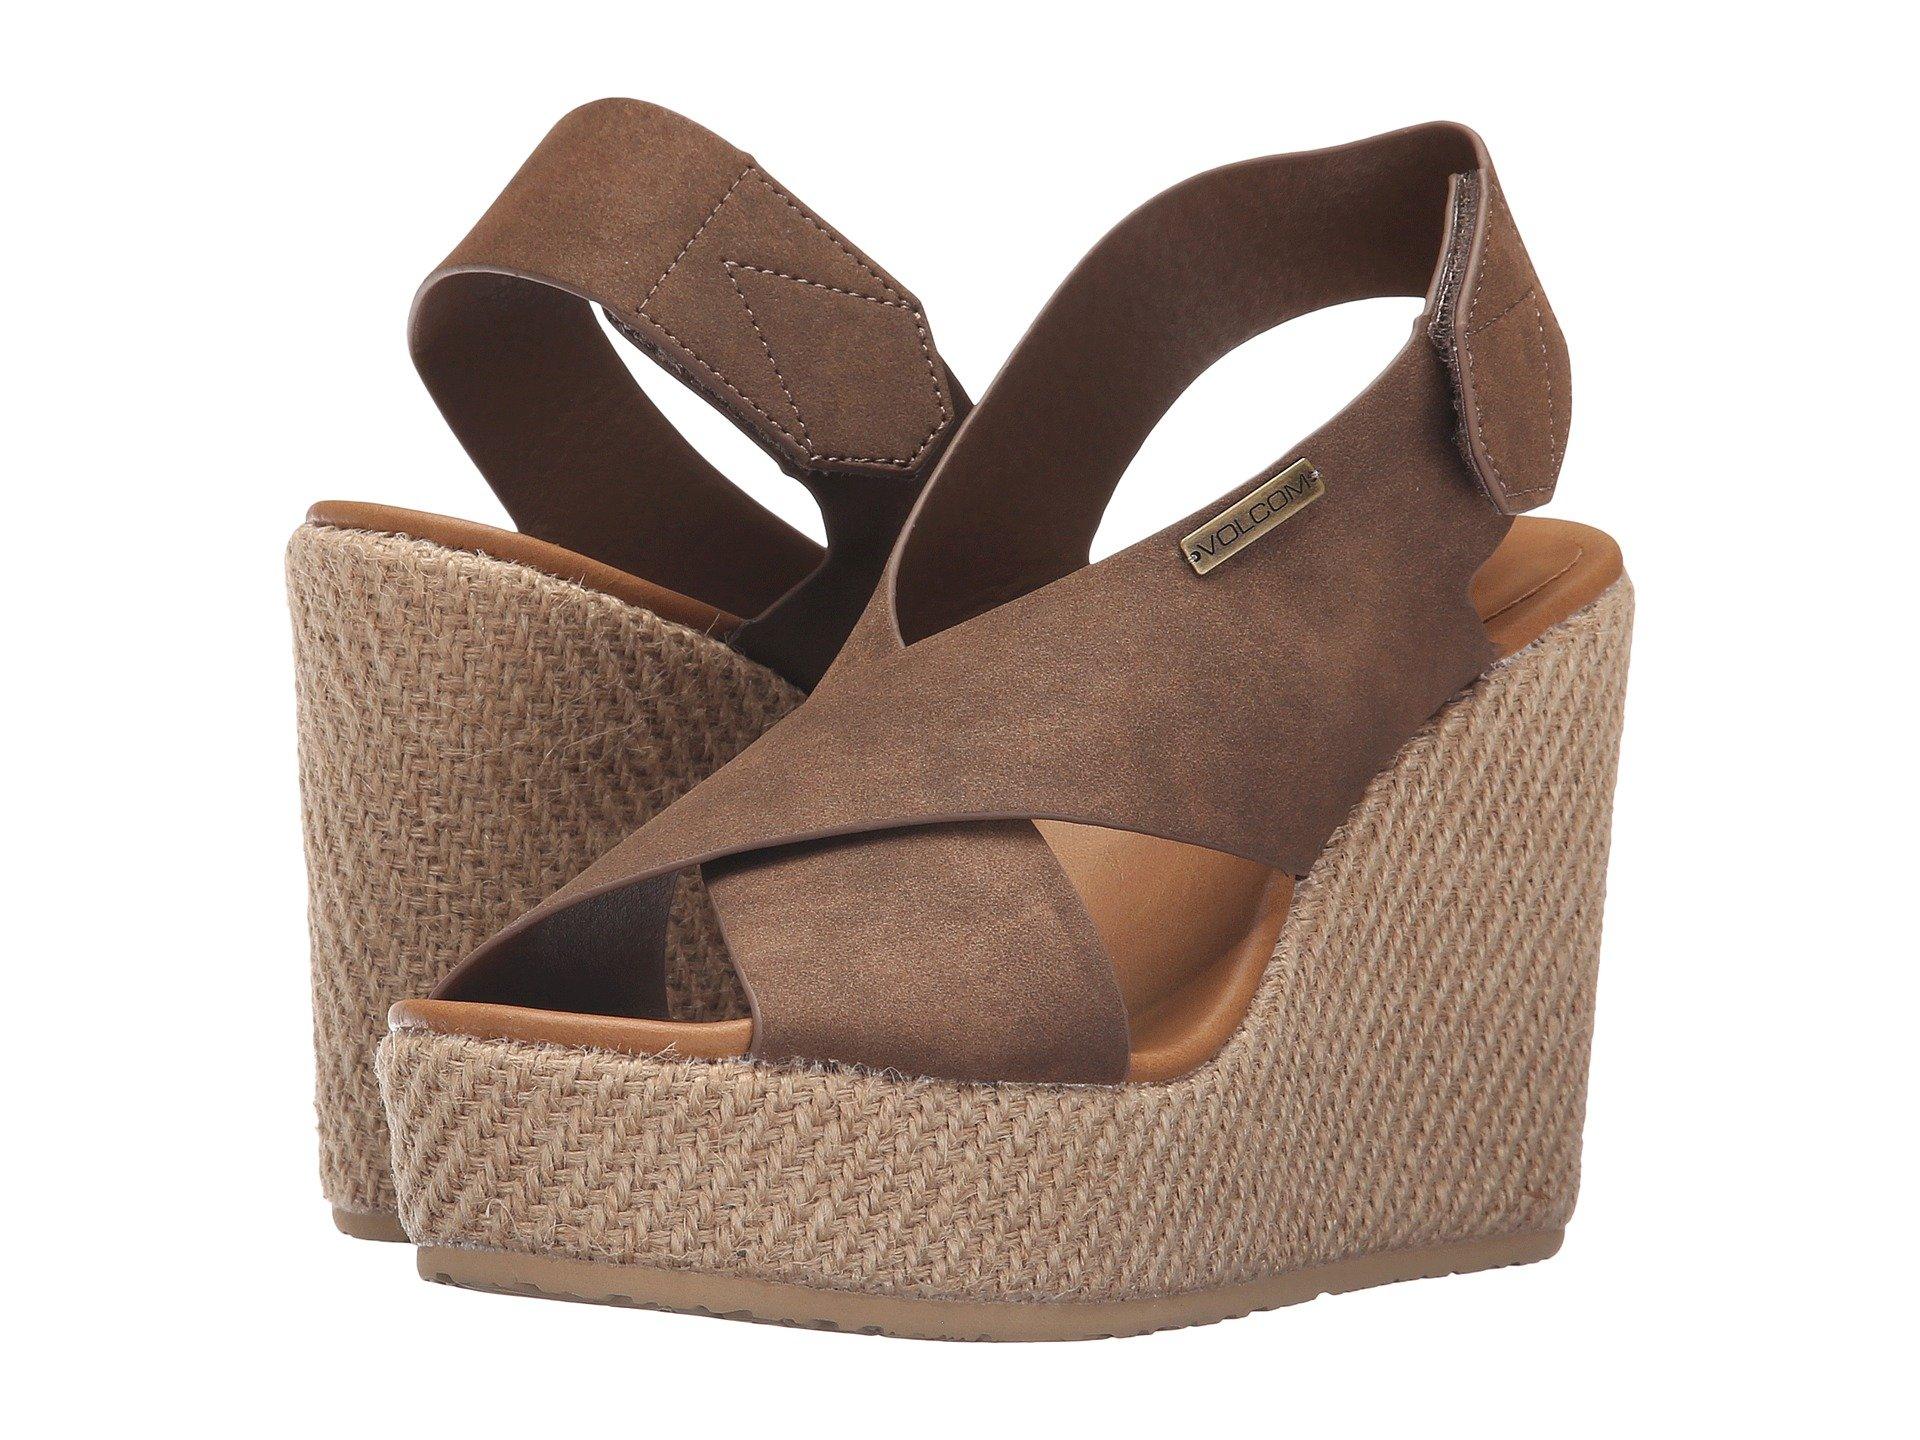 Sandalias para Mujer Volcom Sightseer  + Volcom en VeoyCompro.net